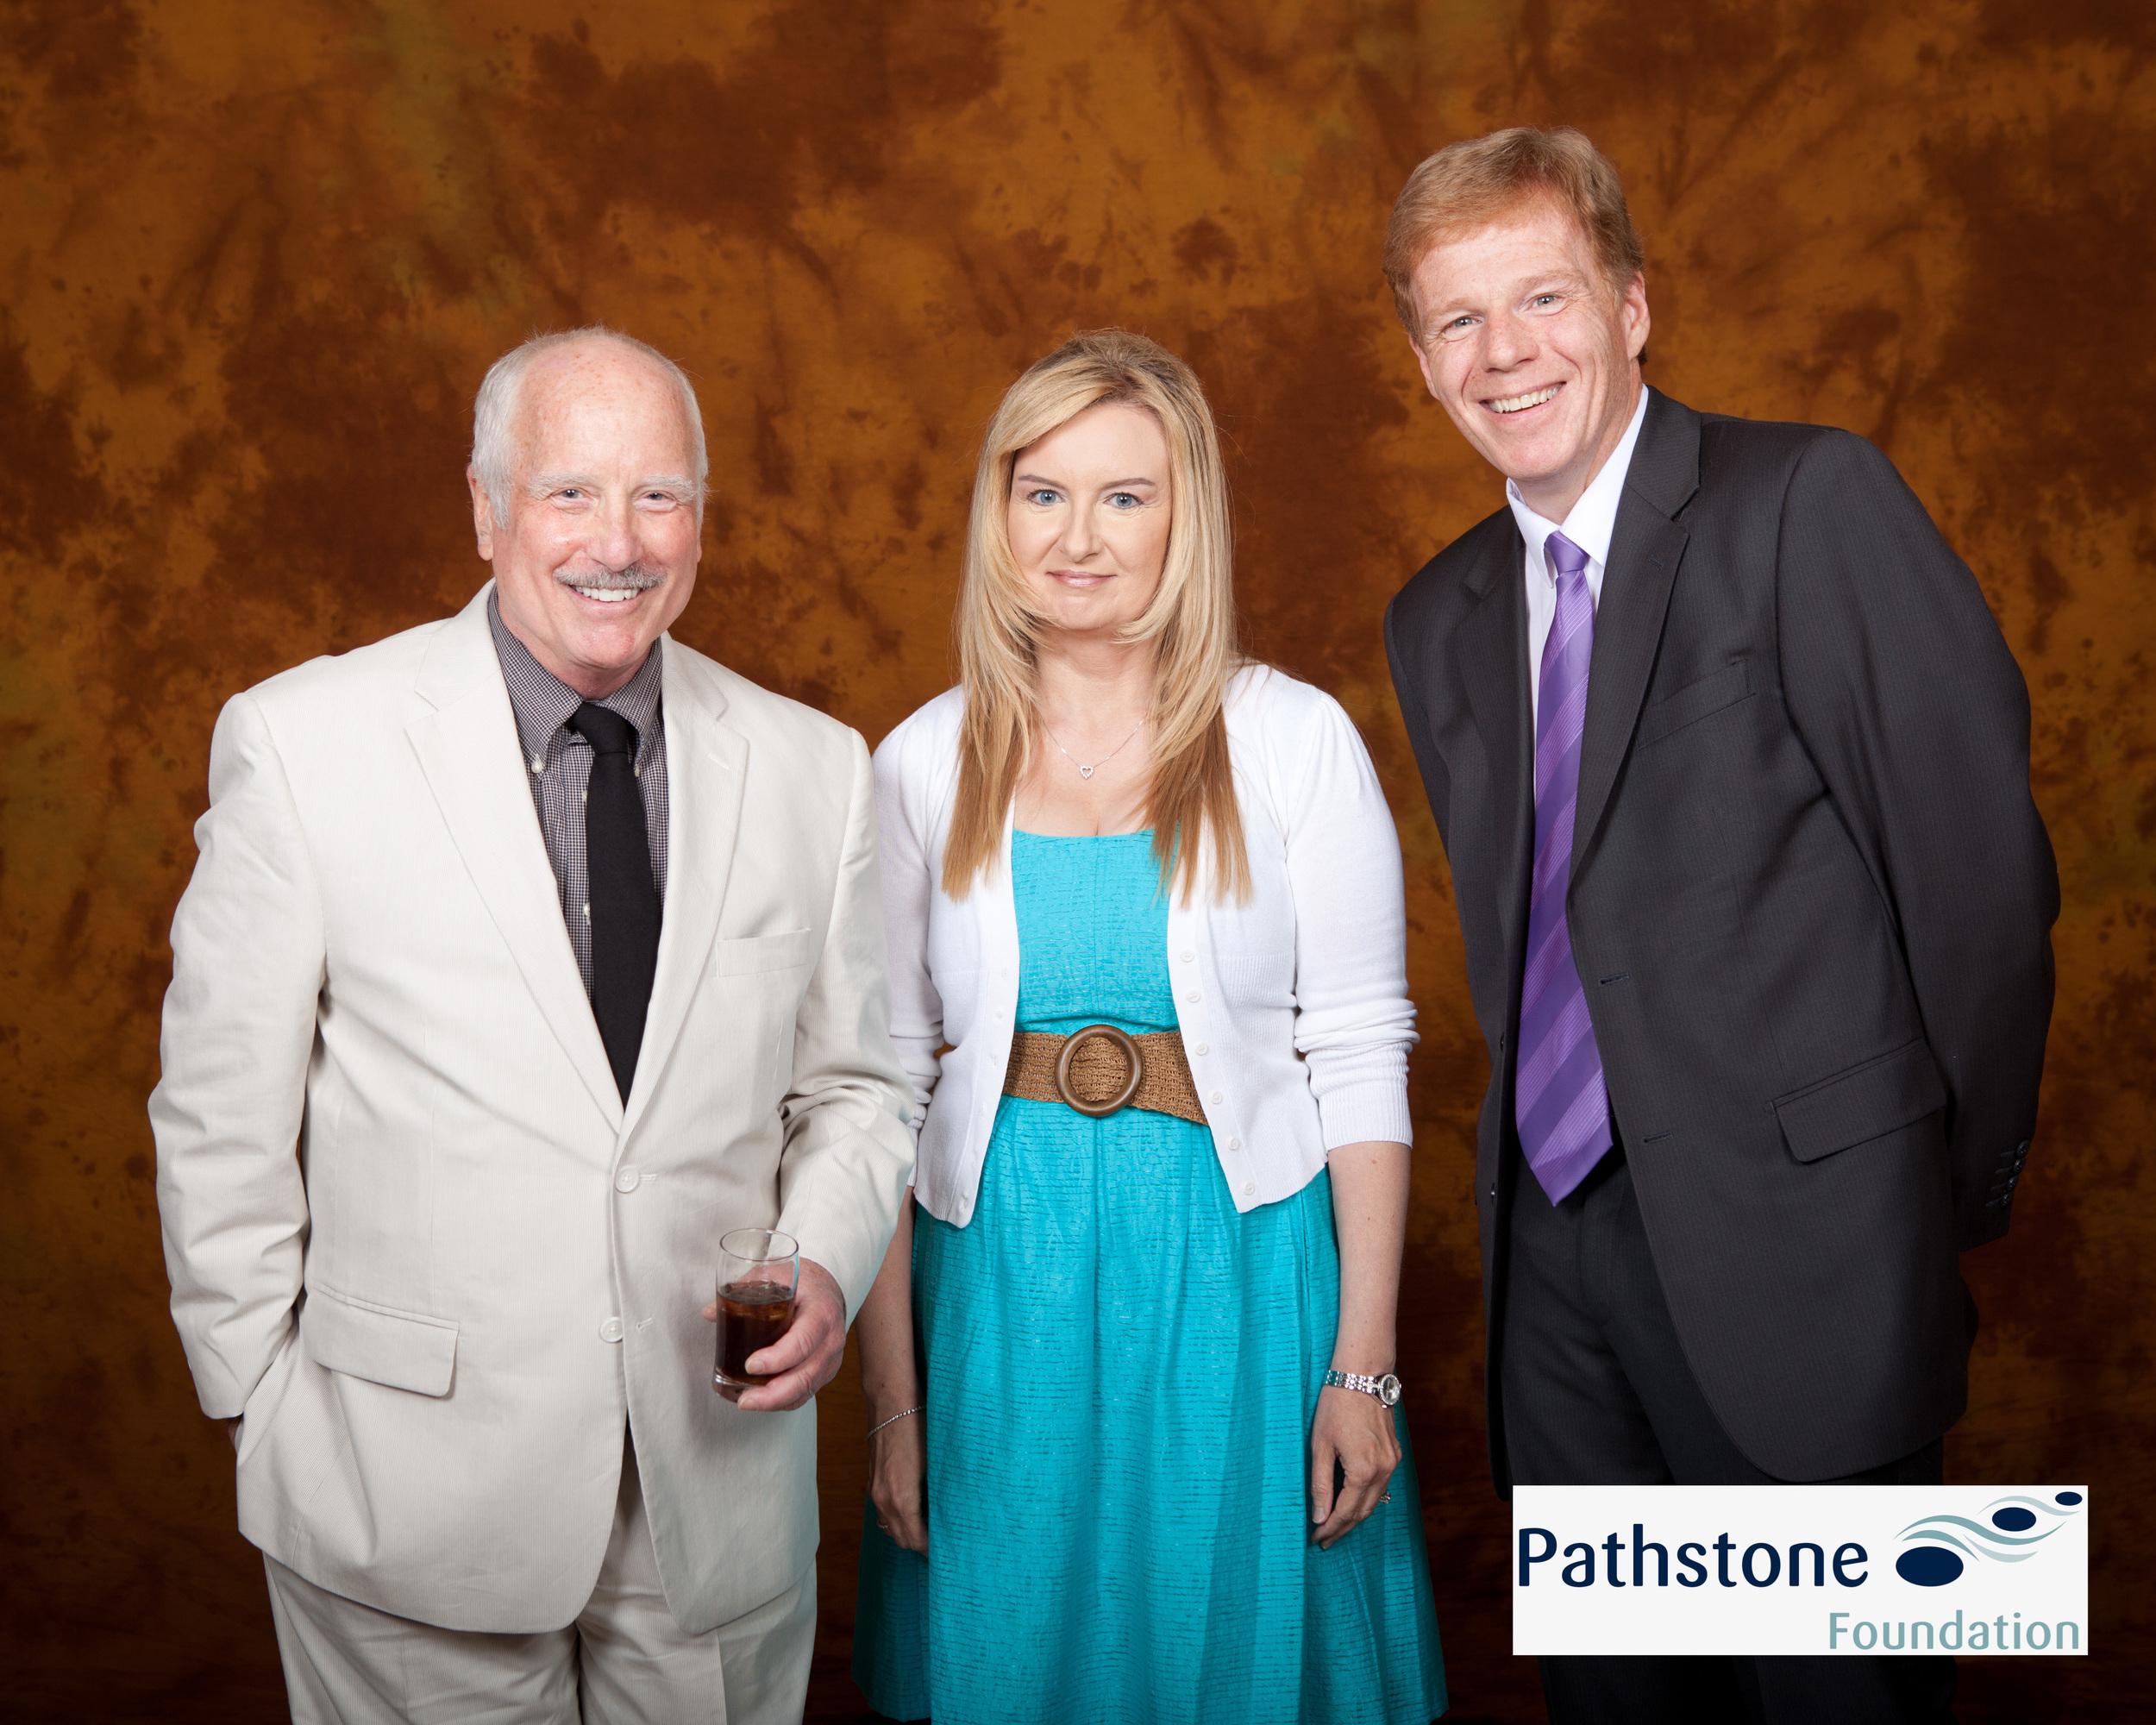 Pathstone-019.jpg